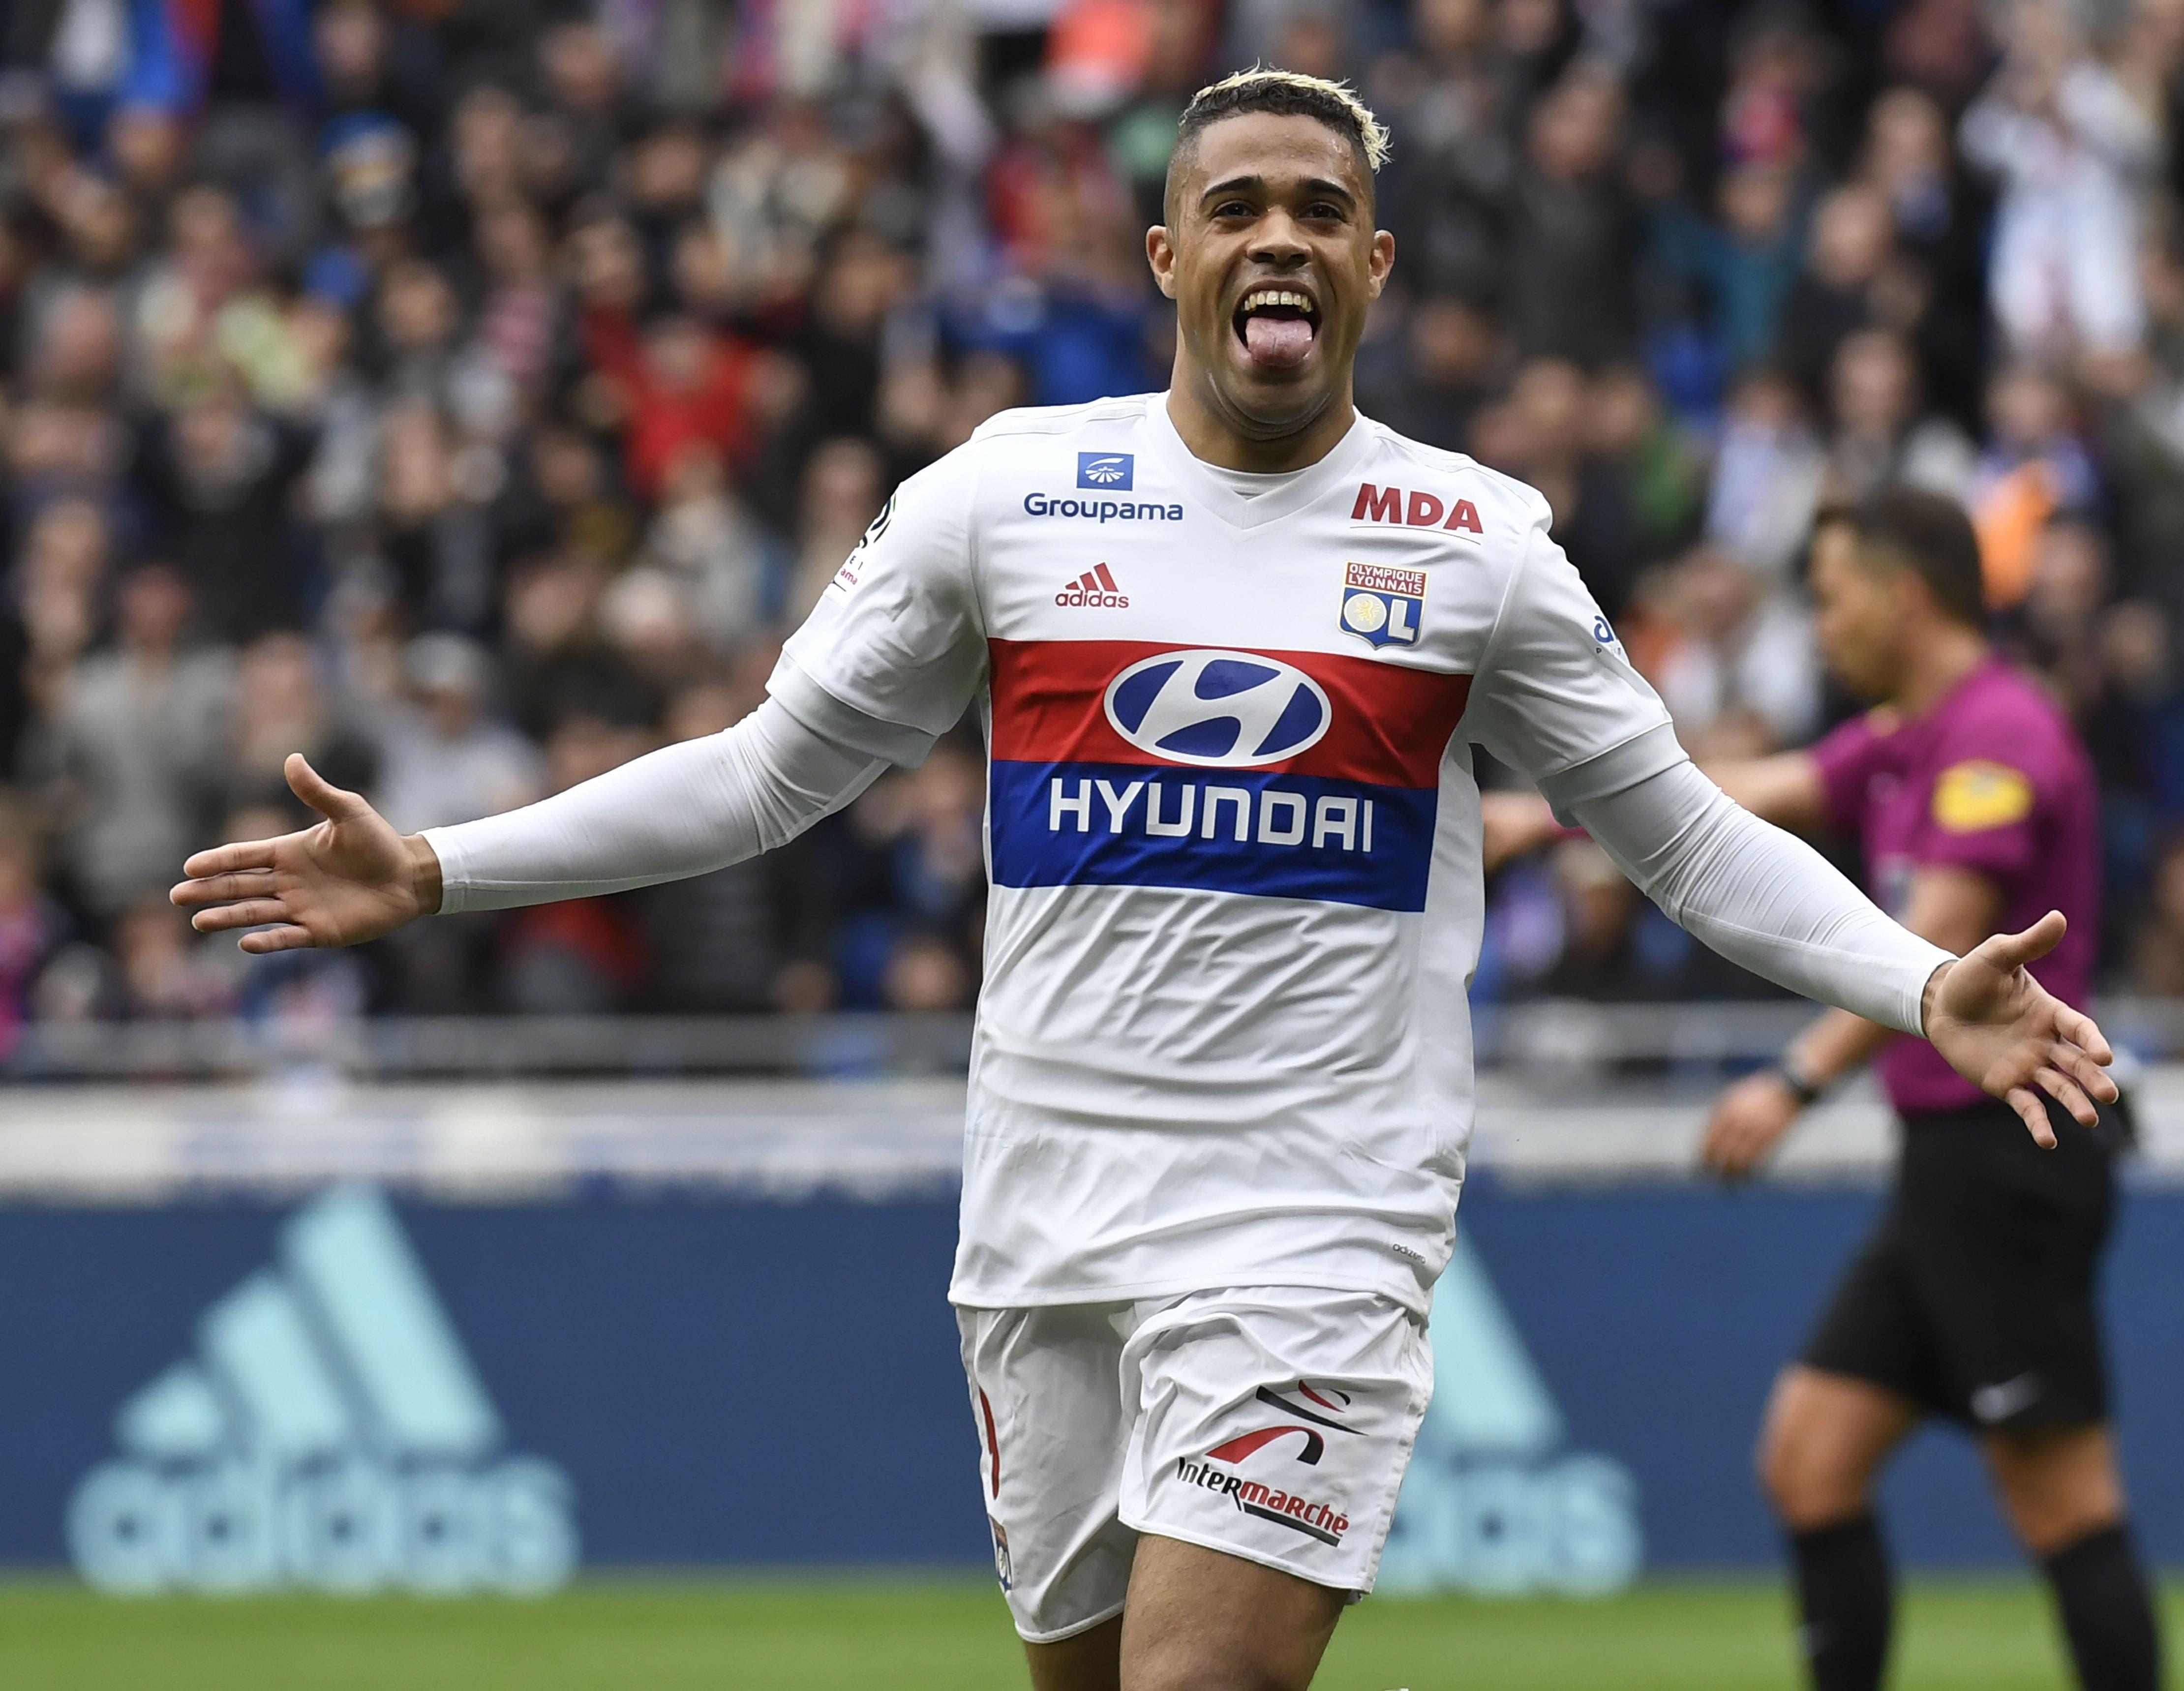 El delantero español del Lyon, Mariano Díaz, reacciona después de anotar durante el partido de fútbol francés L1 entre el Olympique Lyonnais y el Amiens Sporting Club, el 14 de abril de 2018, en el estadio Groupama en Decines-Charpieu, cerca de Lyon, centro-este de Francia. AFP